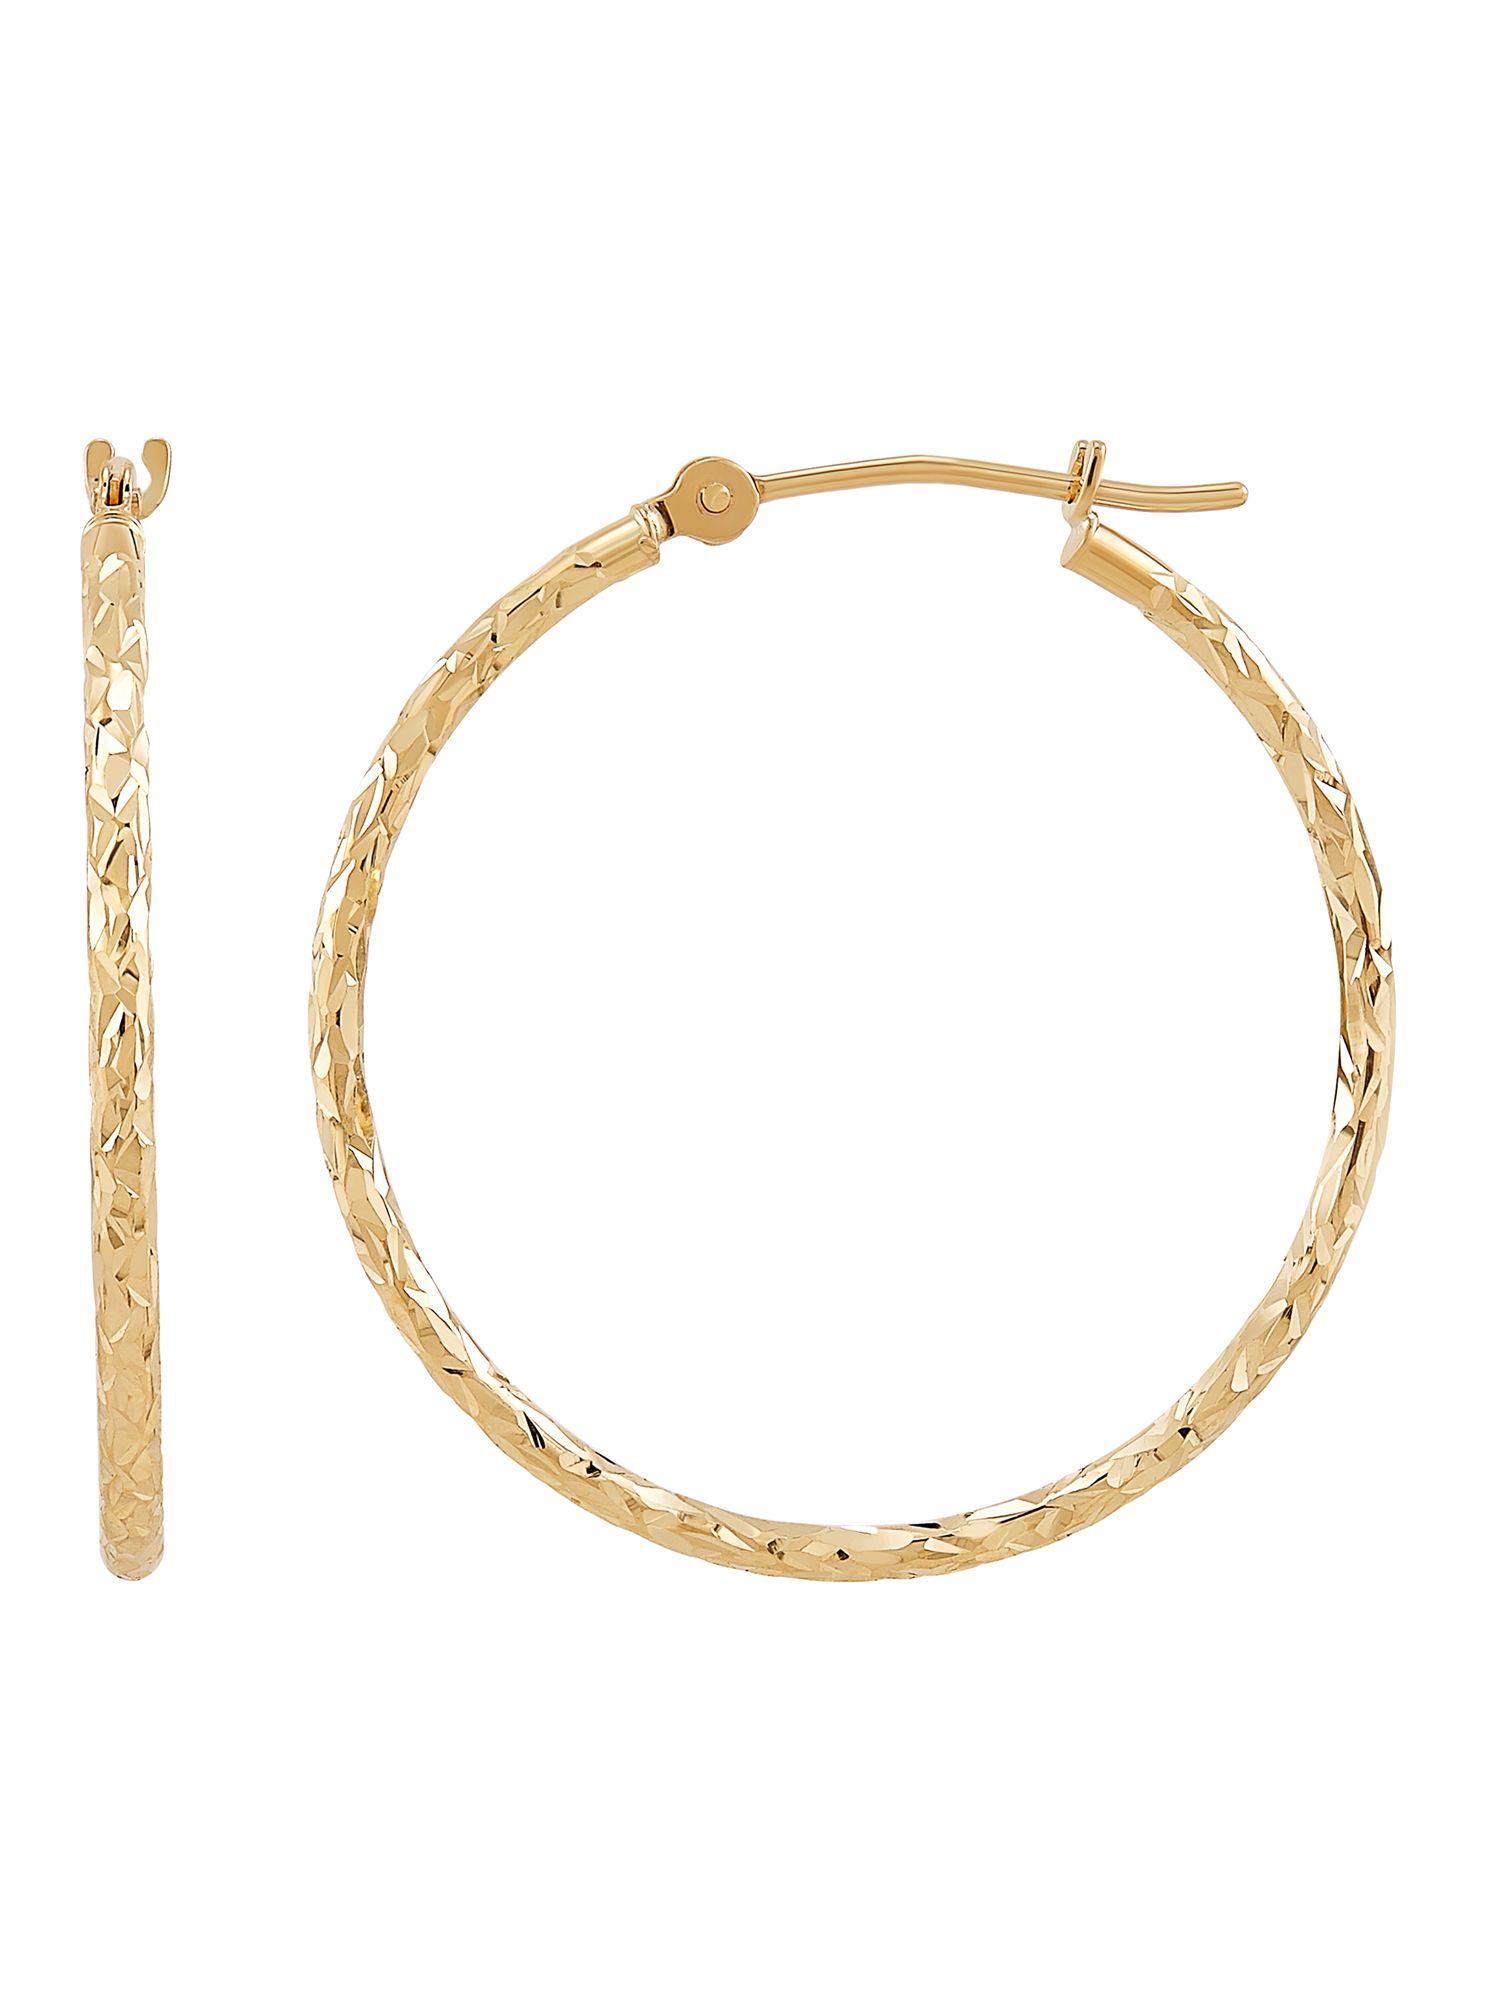 37+ Brilliance fine jewelry hoop earrings info